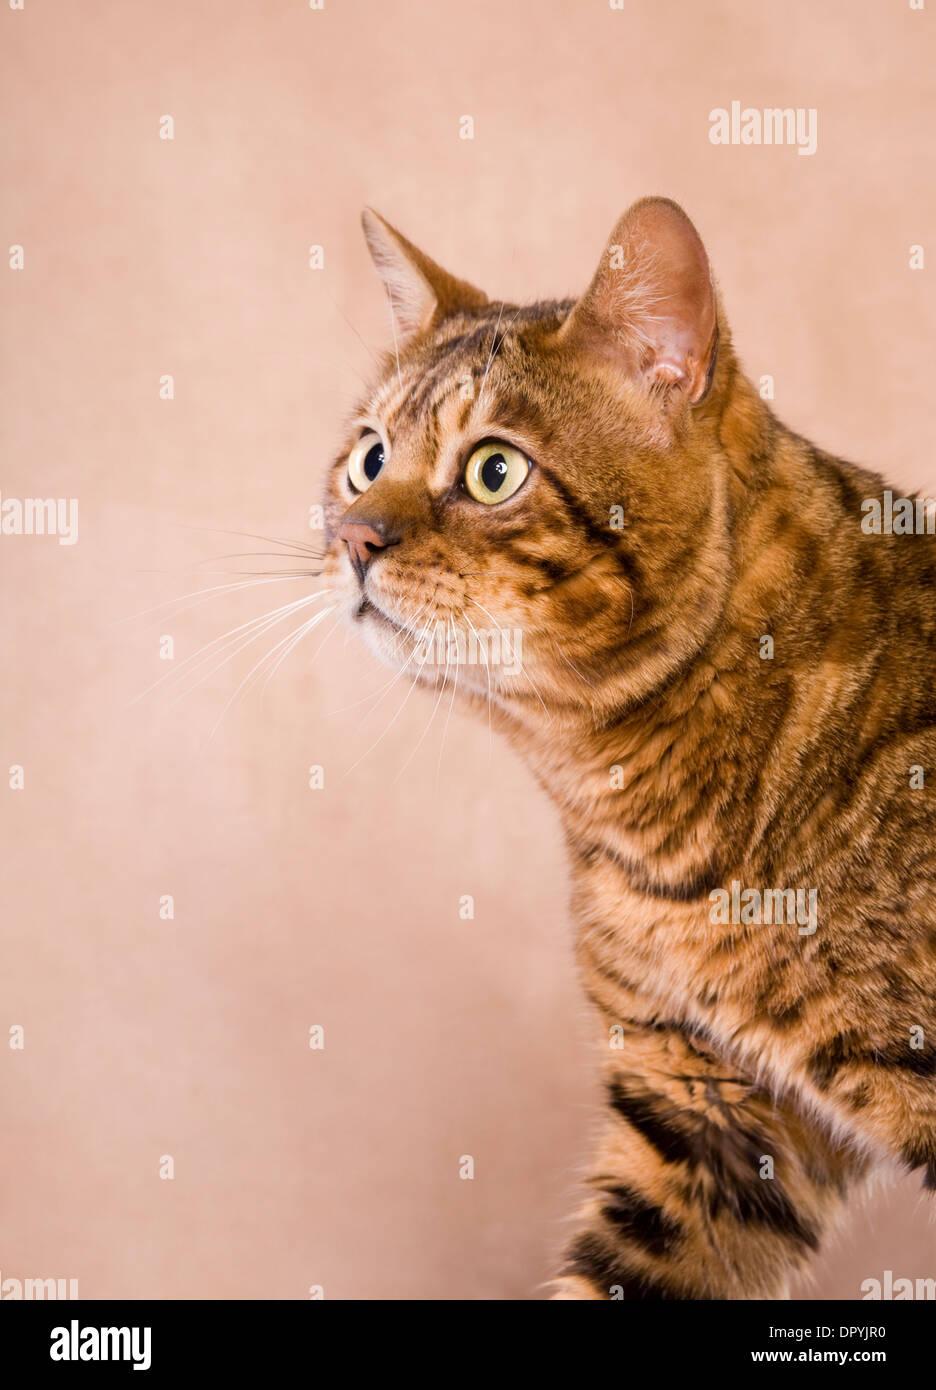 cat scratch fever song lyrics